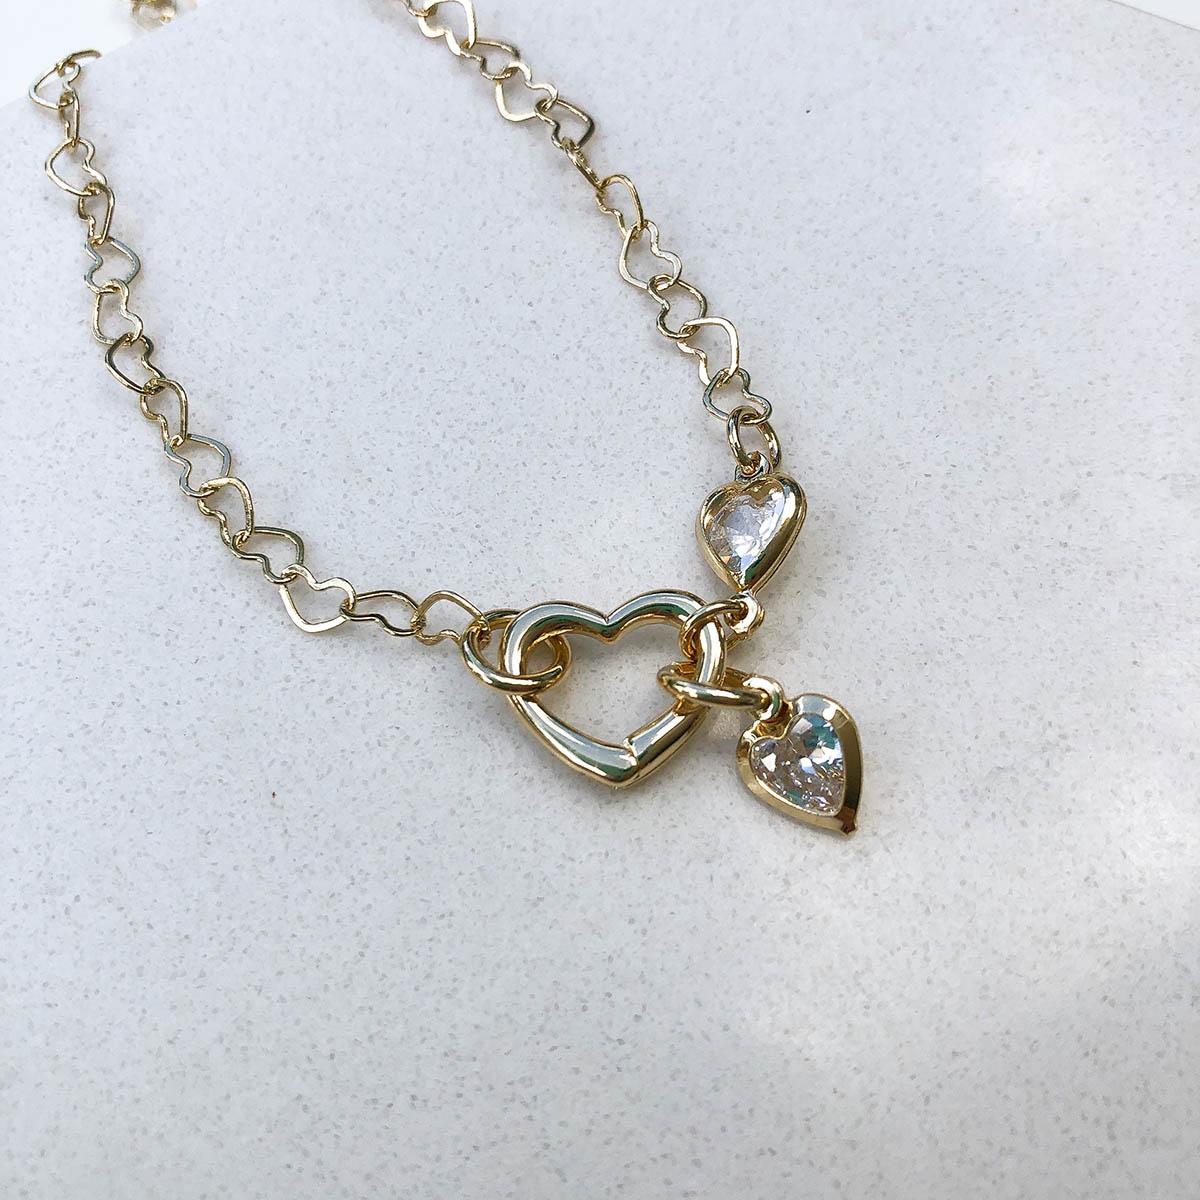 Pulseira Banhada a Ouro 18k Corrente Elos Coração e Fecho Coração Ponto de Luz